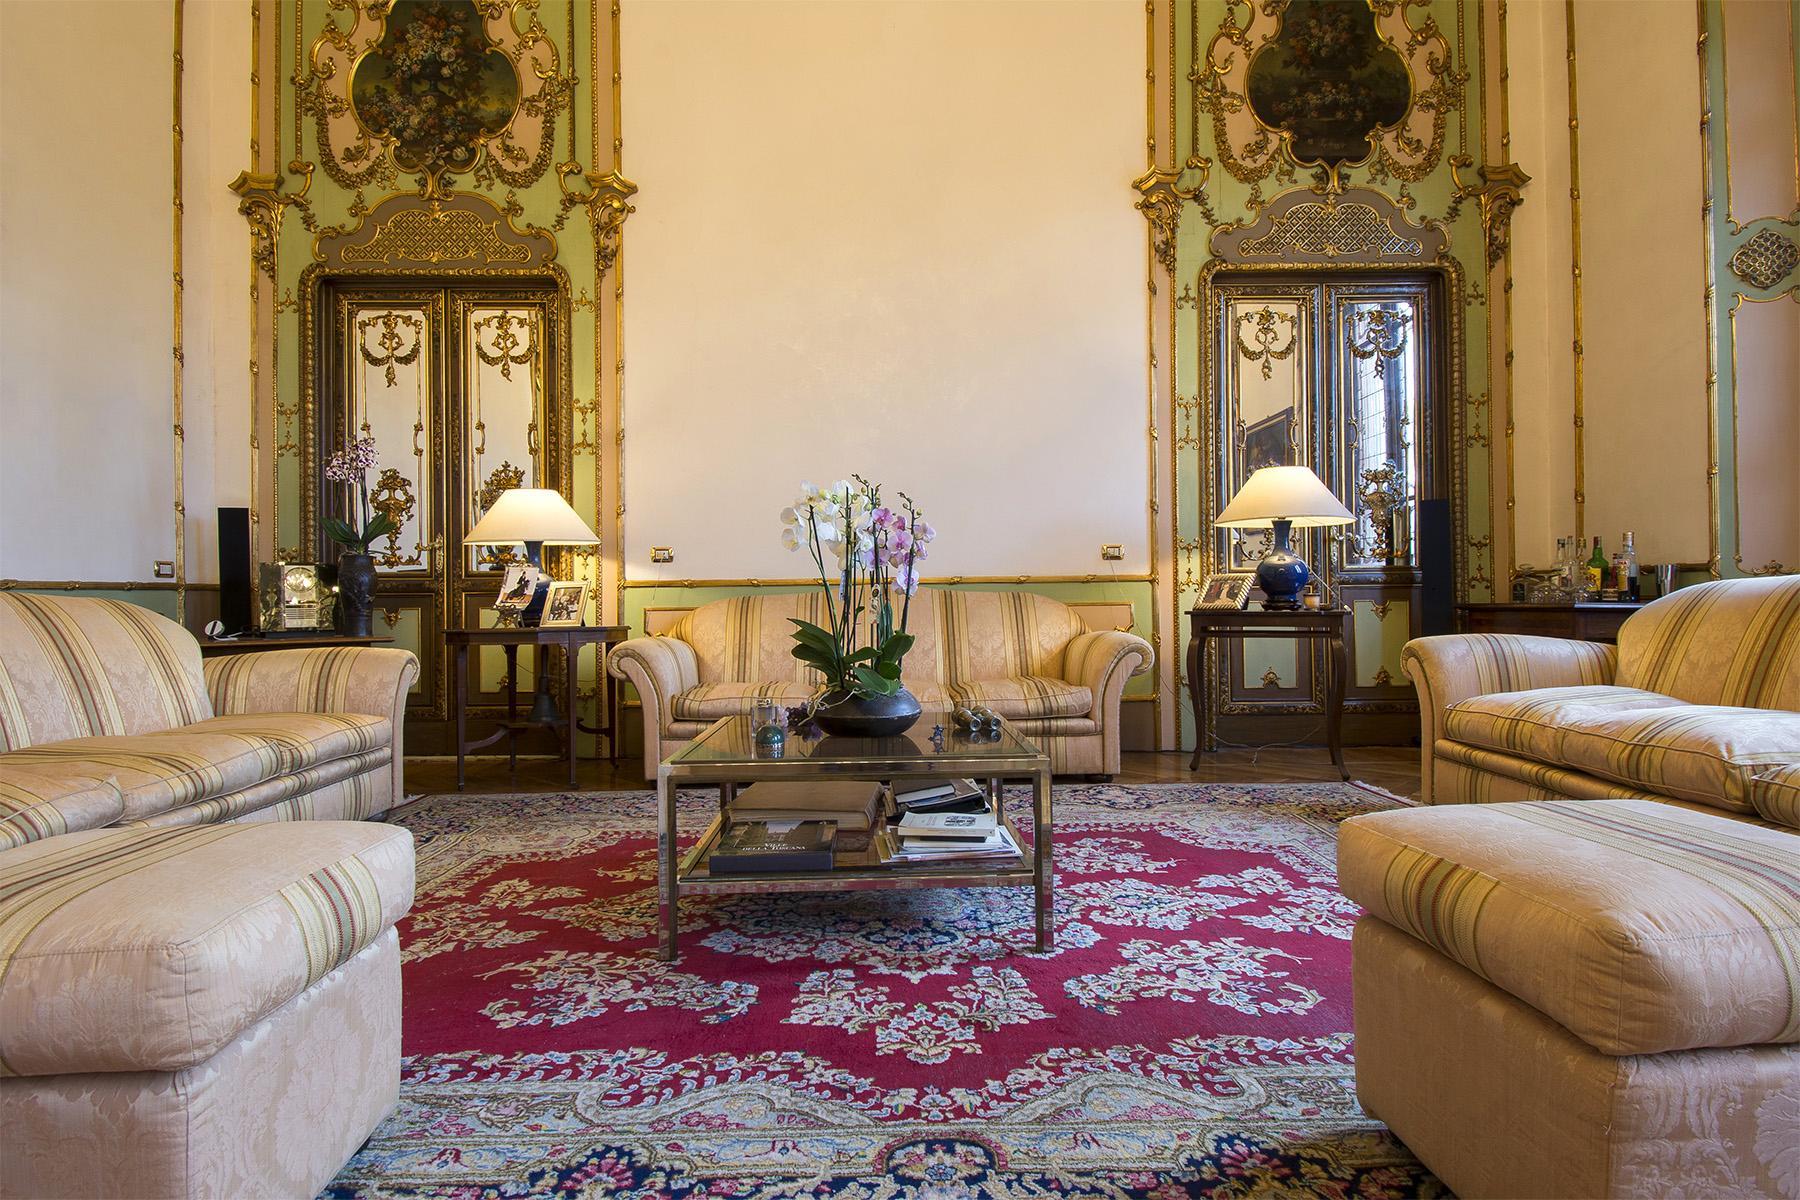 Charmante historische Wohnung im Herzen von Florenz - 5